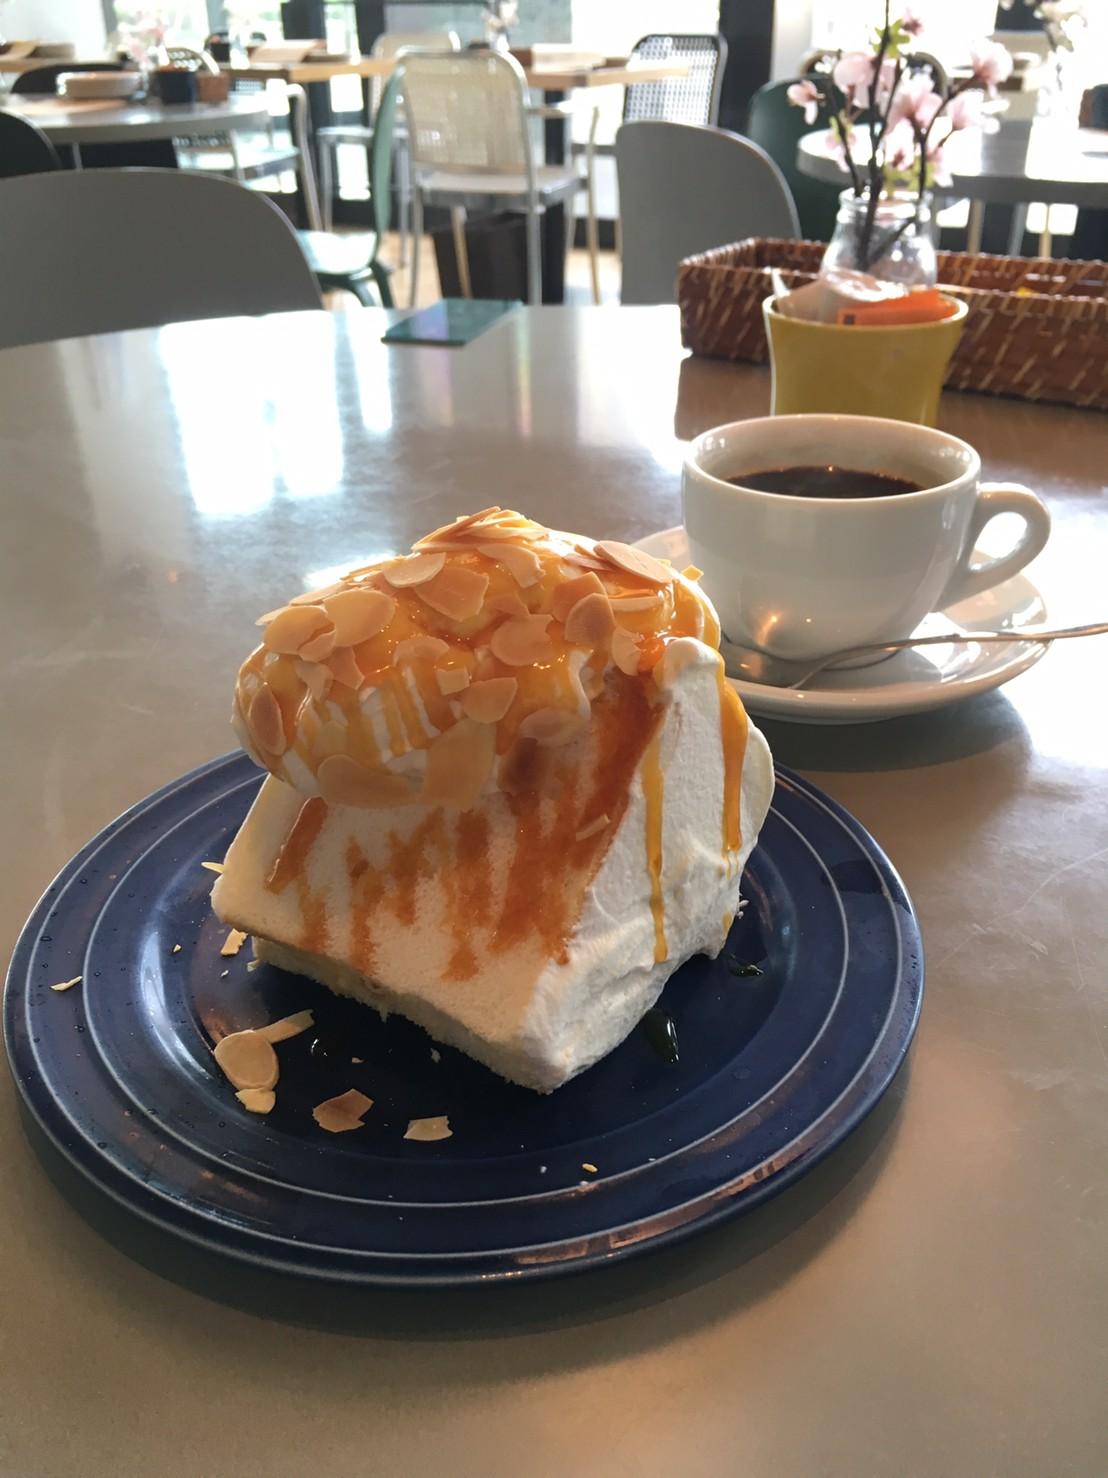 グッドモーニングカフェ 品川シーズンテラス店 料理 スイーツ